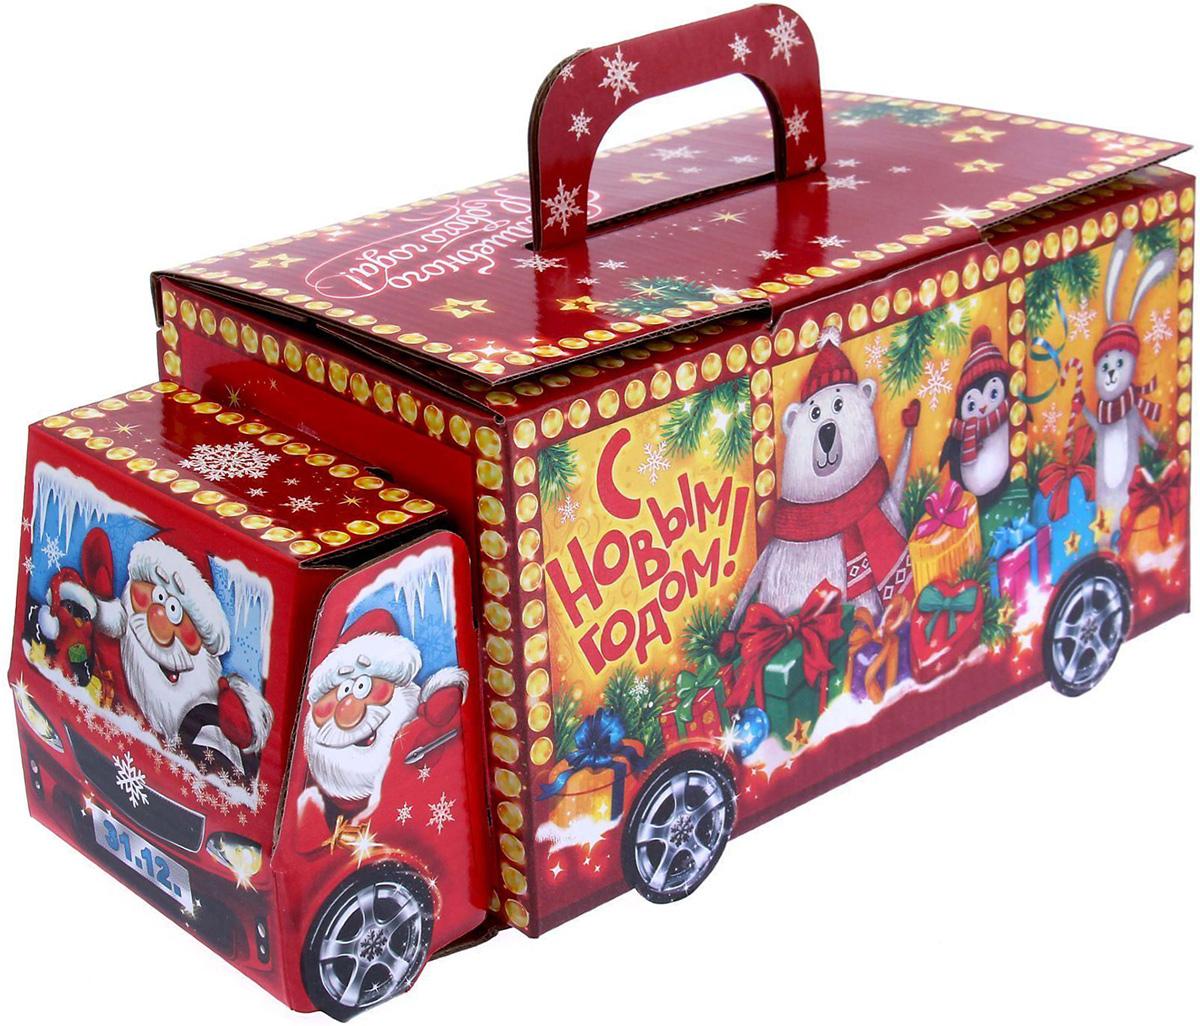 Коробка складная Sima-land Машинка, 24 х 12 х 12 см1129027Любой подарок начинается с упаковки. Что может быть трогательнее и волшебнее, чем ритуал разворачивания полученного презента. И именно оригинальная, со вкусом выбранная упаковка выделит ваш подарок из массы других. Подарочная коробка Sima-land продемонстрирует самые теплые чувства к виновнику торжества и создаст сказочную атмосферу праздника.